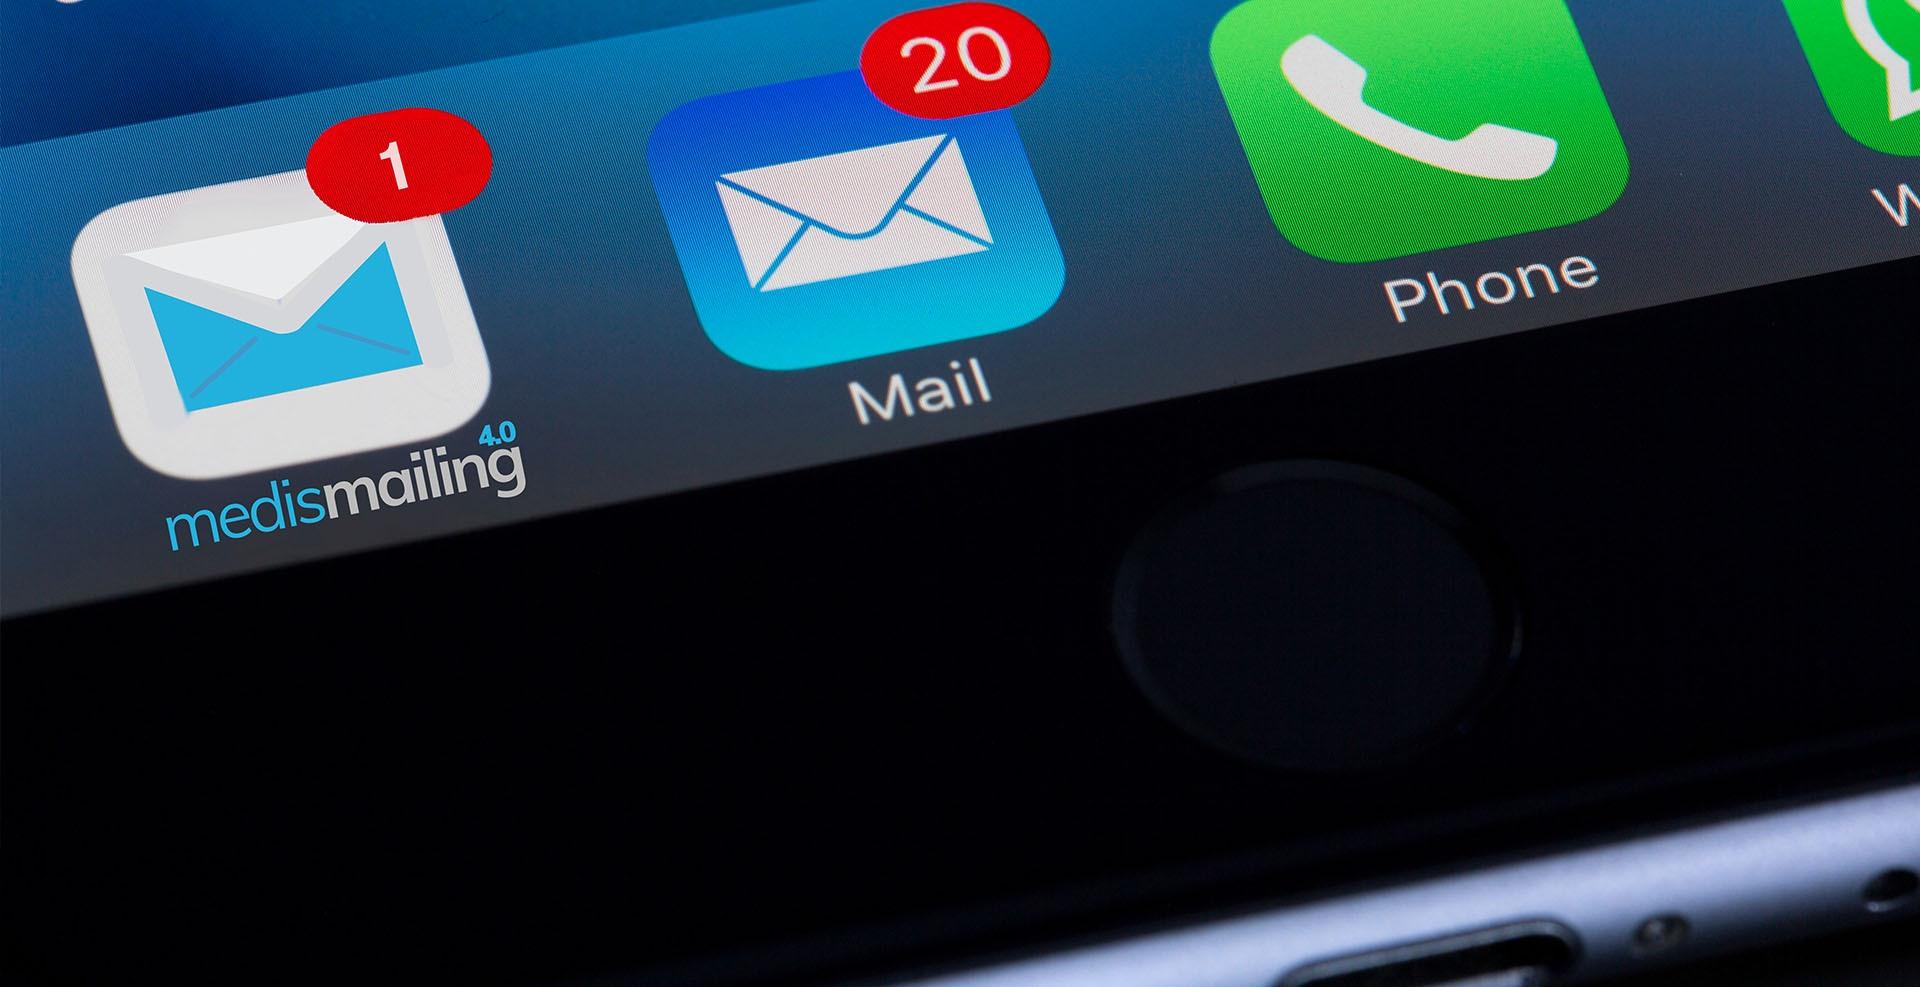 Buzón de entrada de la herramienta Medismailing en el teléfono